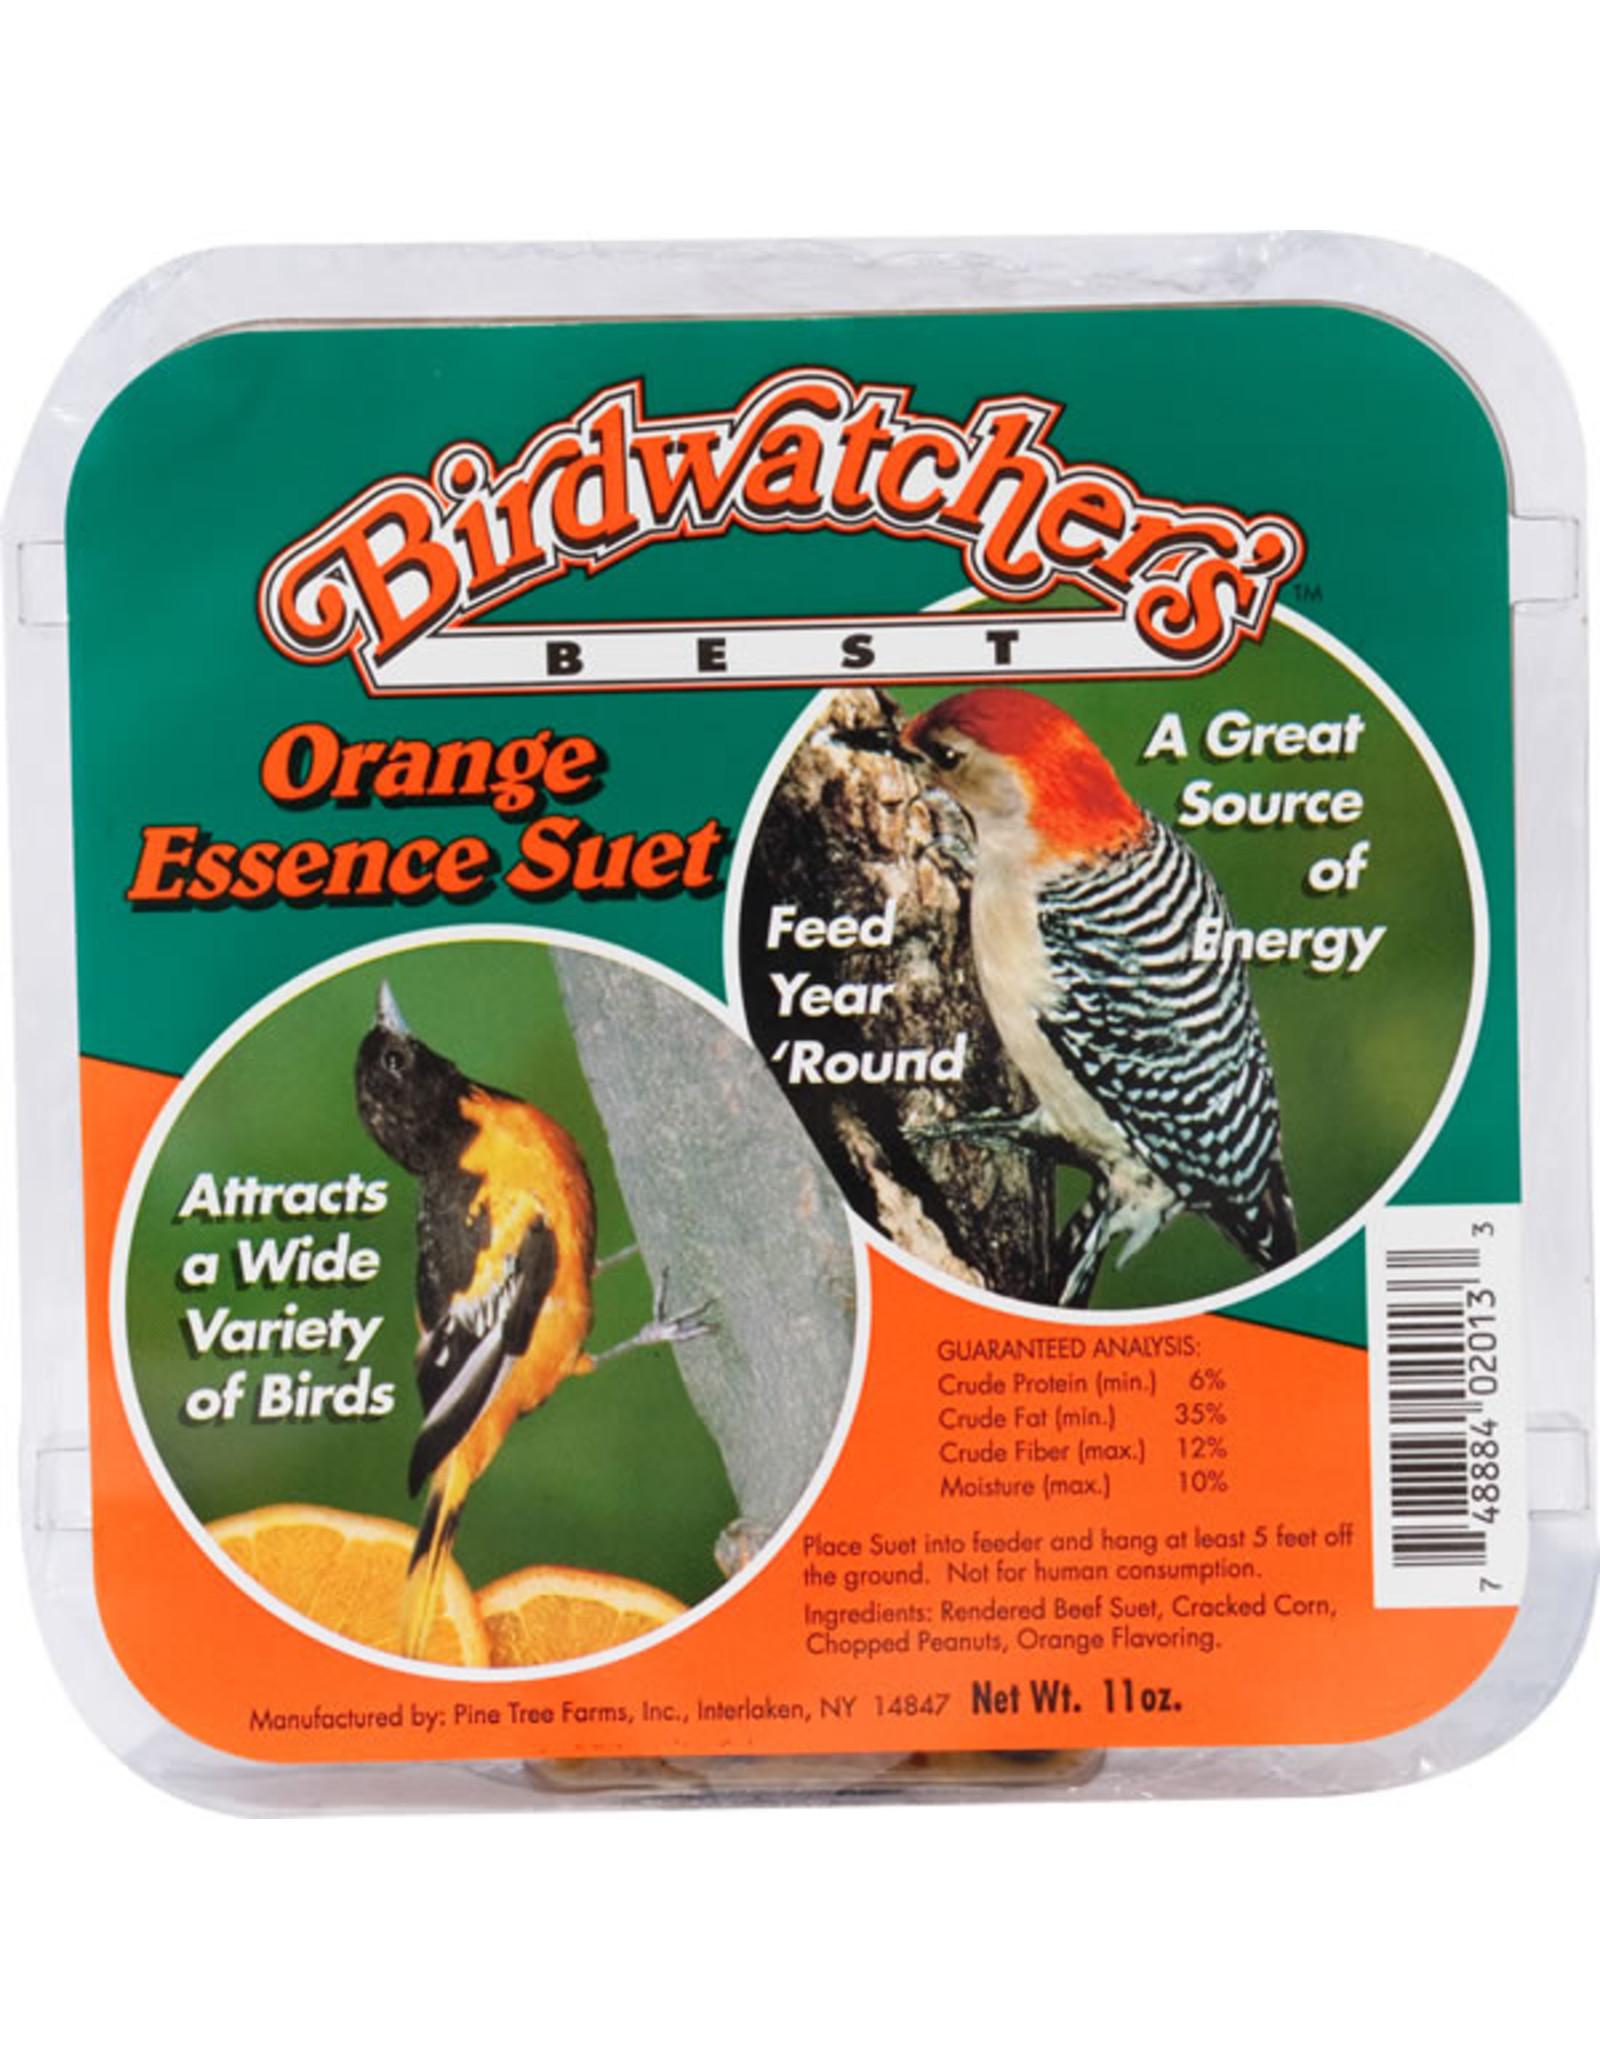 Birdwatchers Best Birdwatcher's Best Suet Orange Essence 11oz